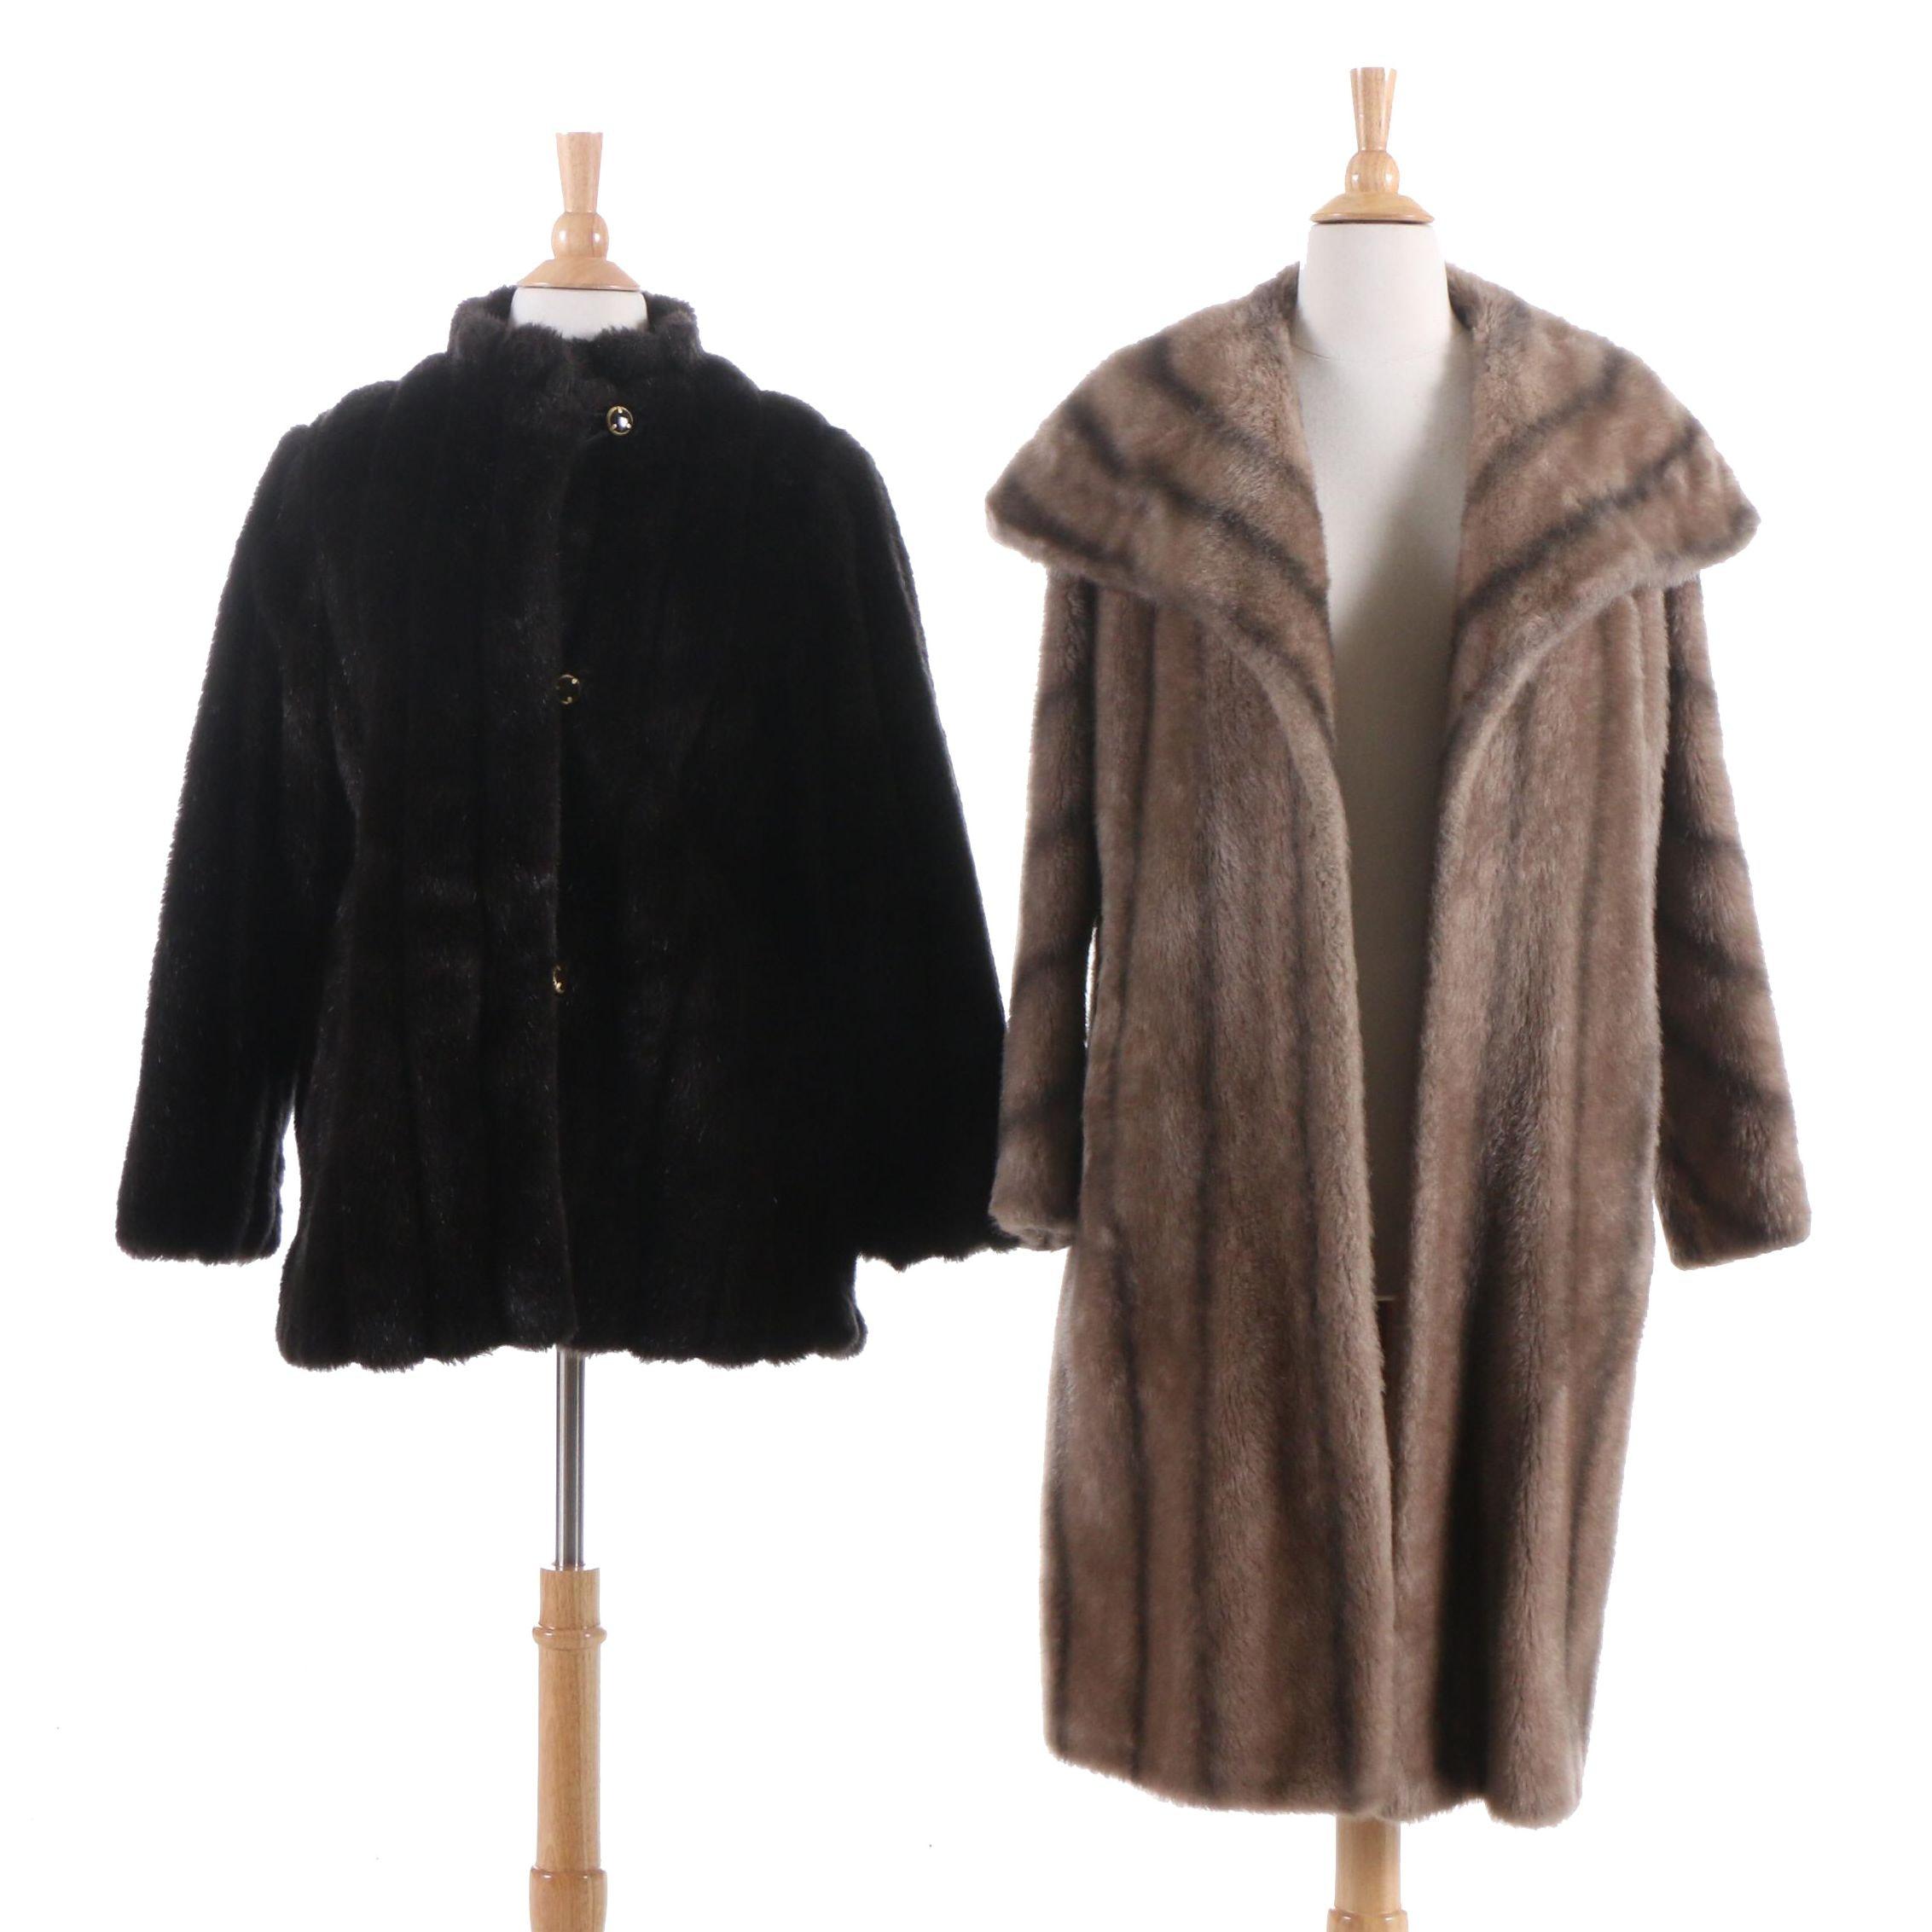 Aristocrat and Wiman Faux Fur Coats, Vintage